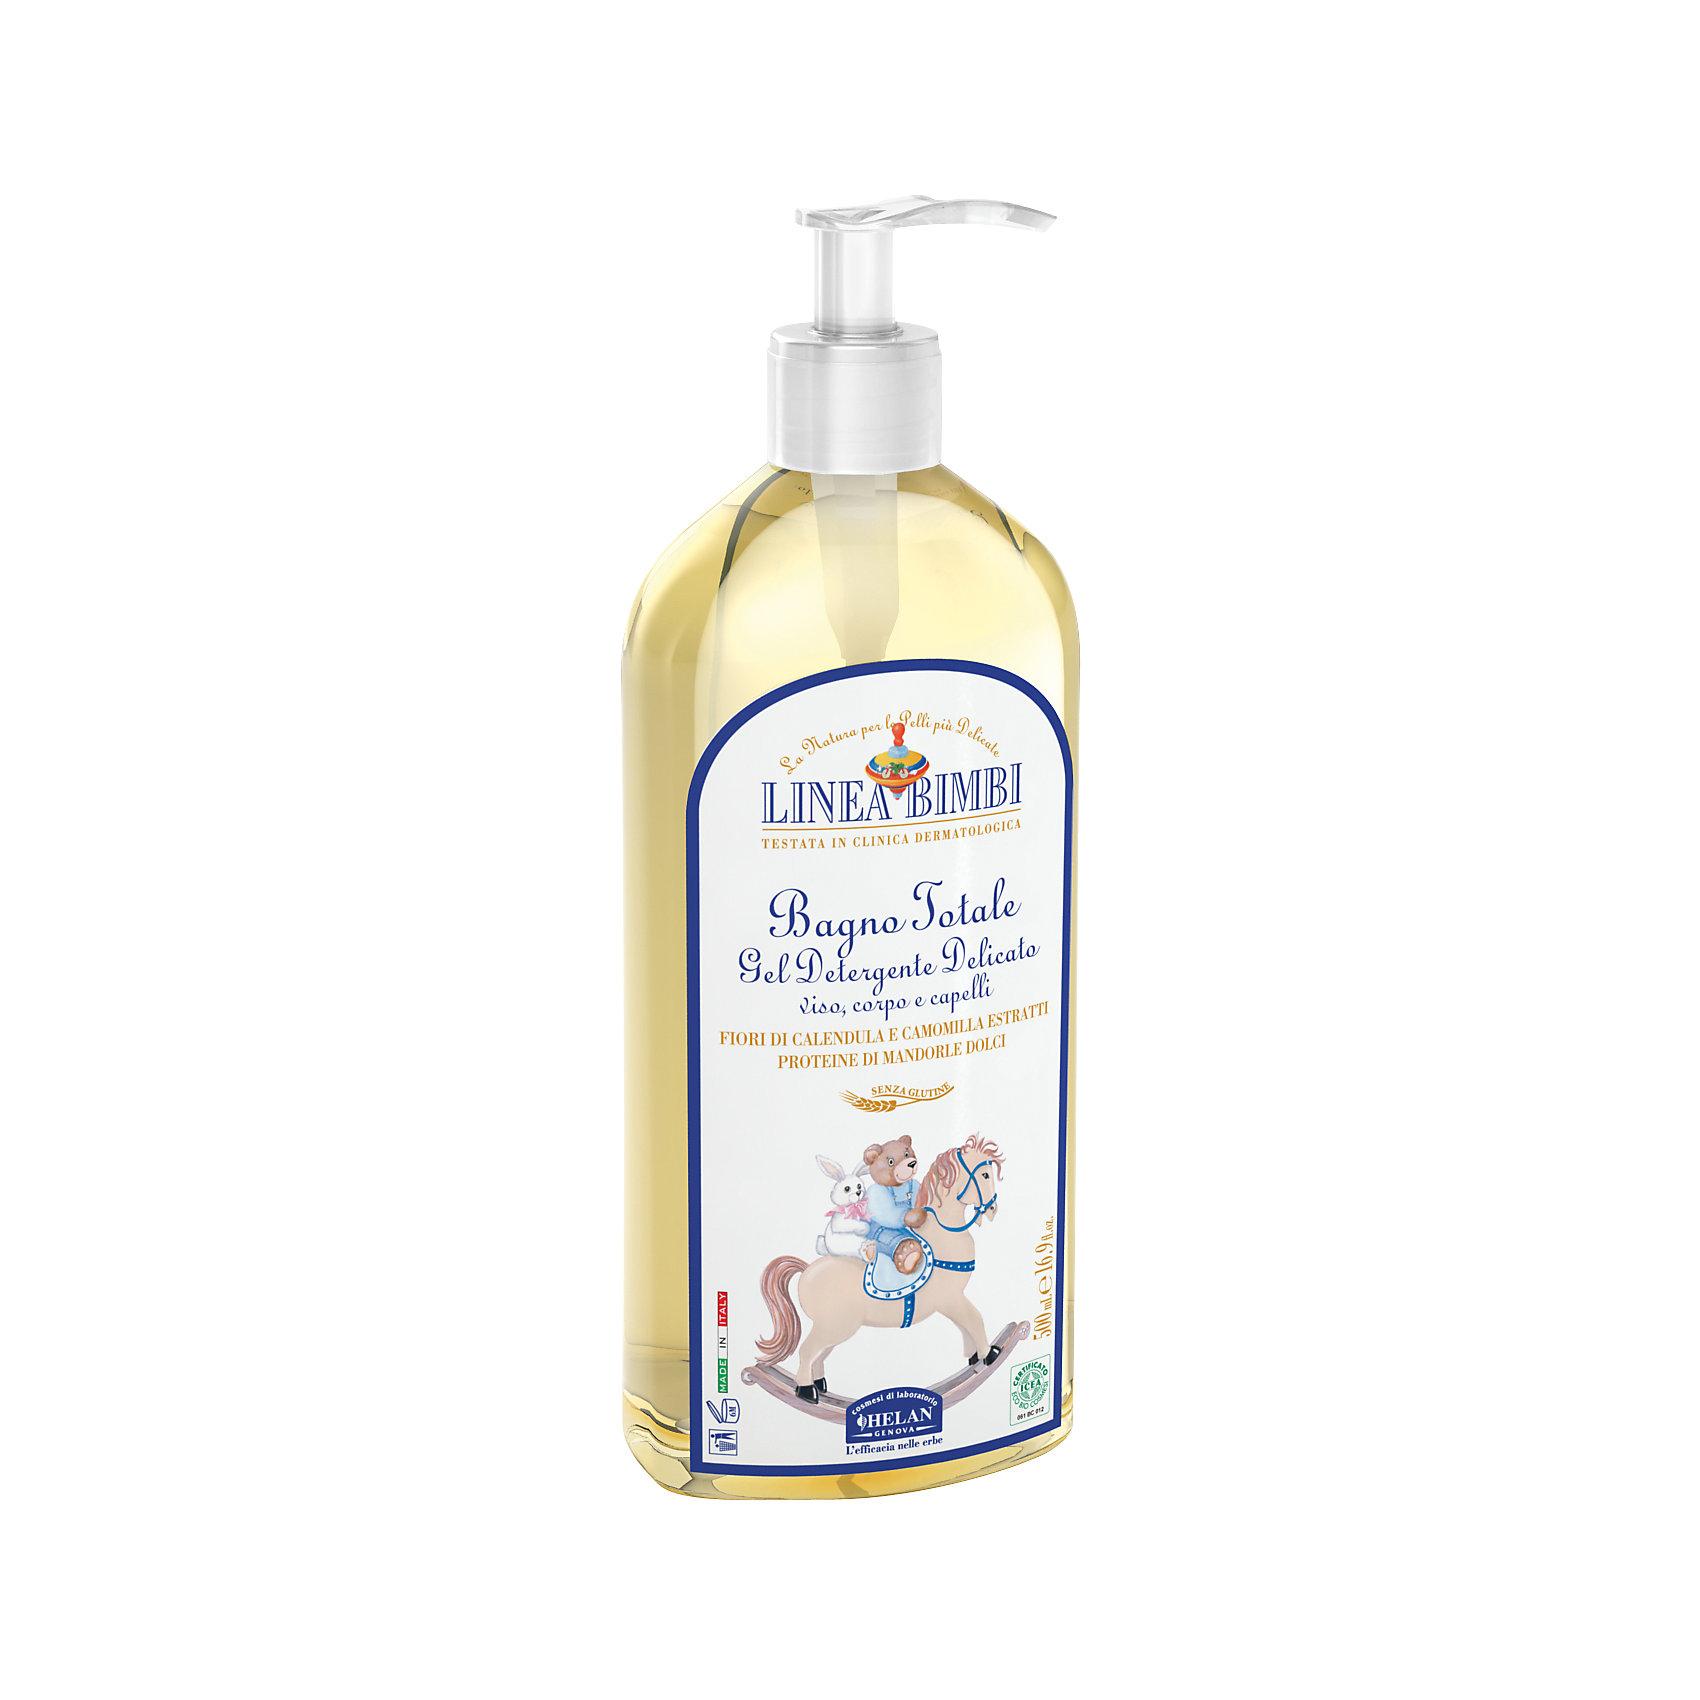 Шампунь-гель детский для волос и тела Linea Bimbi, 500 мл., HELANШампуни<br>Шампунь-гель детский для волос и тела Linea Bimbi, 500 мл., HELAN (Хелан)<br><br>Характеристики:<br><br>• бережно очищает волосы и кожу головы <br>• сохраняет естественный уровень pH<br>• не сушит кожу<br>• не вызывает раздражения слизистой глаз<br>• подходит для волос и тела<br>• удобный дозатор<br>• не содержит сульфатов, консервантов и красителей<br>• содержит экстракт календулы, экстракт ромашки и масло овса<br>• объем: 500 мл<br>• размер упаковки: 22х5х9 см<br>• вес: 568 грамм<br><br>Детский шампунь Linea Bimbi бережно очищает волосы и кожу головы малыша с рождения. Шампунь содержит масло овса, которое питает и способствует укреплению волос. Шампунь сохраняет естественный pH кожи головы, не вызывая раздражения. Удобный дозатор позволит вам отмерить необходимое количество шампуня при использовании. Продукция Helan изготовлена без использования консервантов, красителей и сульфатов, а активные компоненты созданы из растений, выращенных без применения химикатов, опасных для здоровья крохи.<br><br>Шампунь-гель детский для волос и тела Linea Bimbi, 500 мл., HELAN (Хелан) можно купить в нашем интернет-магазине.<br><br>Ширина мм: 90<br>Глубина мм: 50<br>Высота мм: 220<br>Вес г: 568<br>Возраст от месяцев: -2147483648<br>Возраст до месяцев: 2147483647<br>Пол: Унисекс<br>Возраст: Детский<br>SKU: 5401698